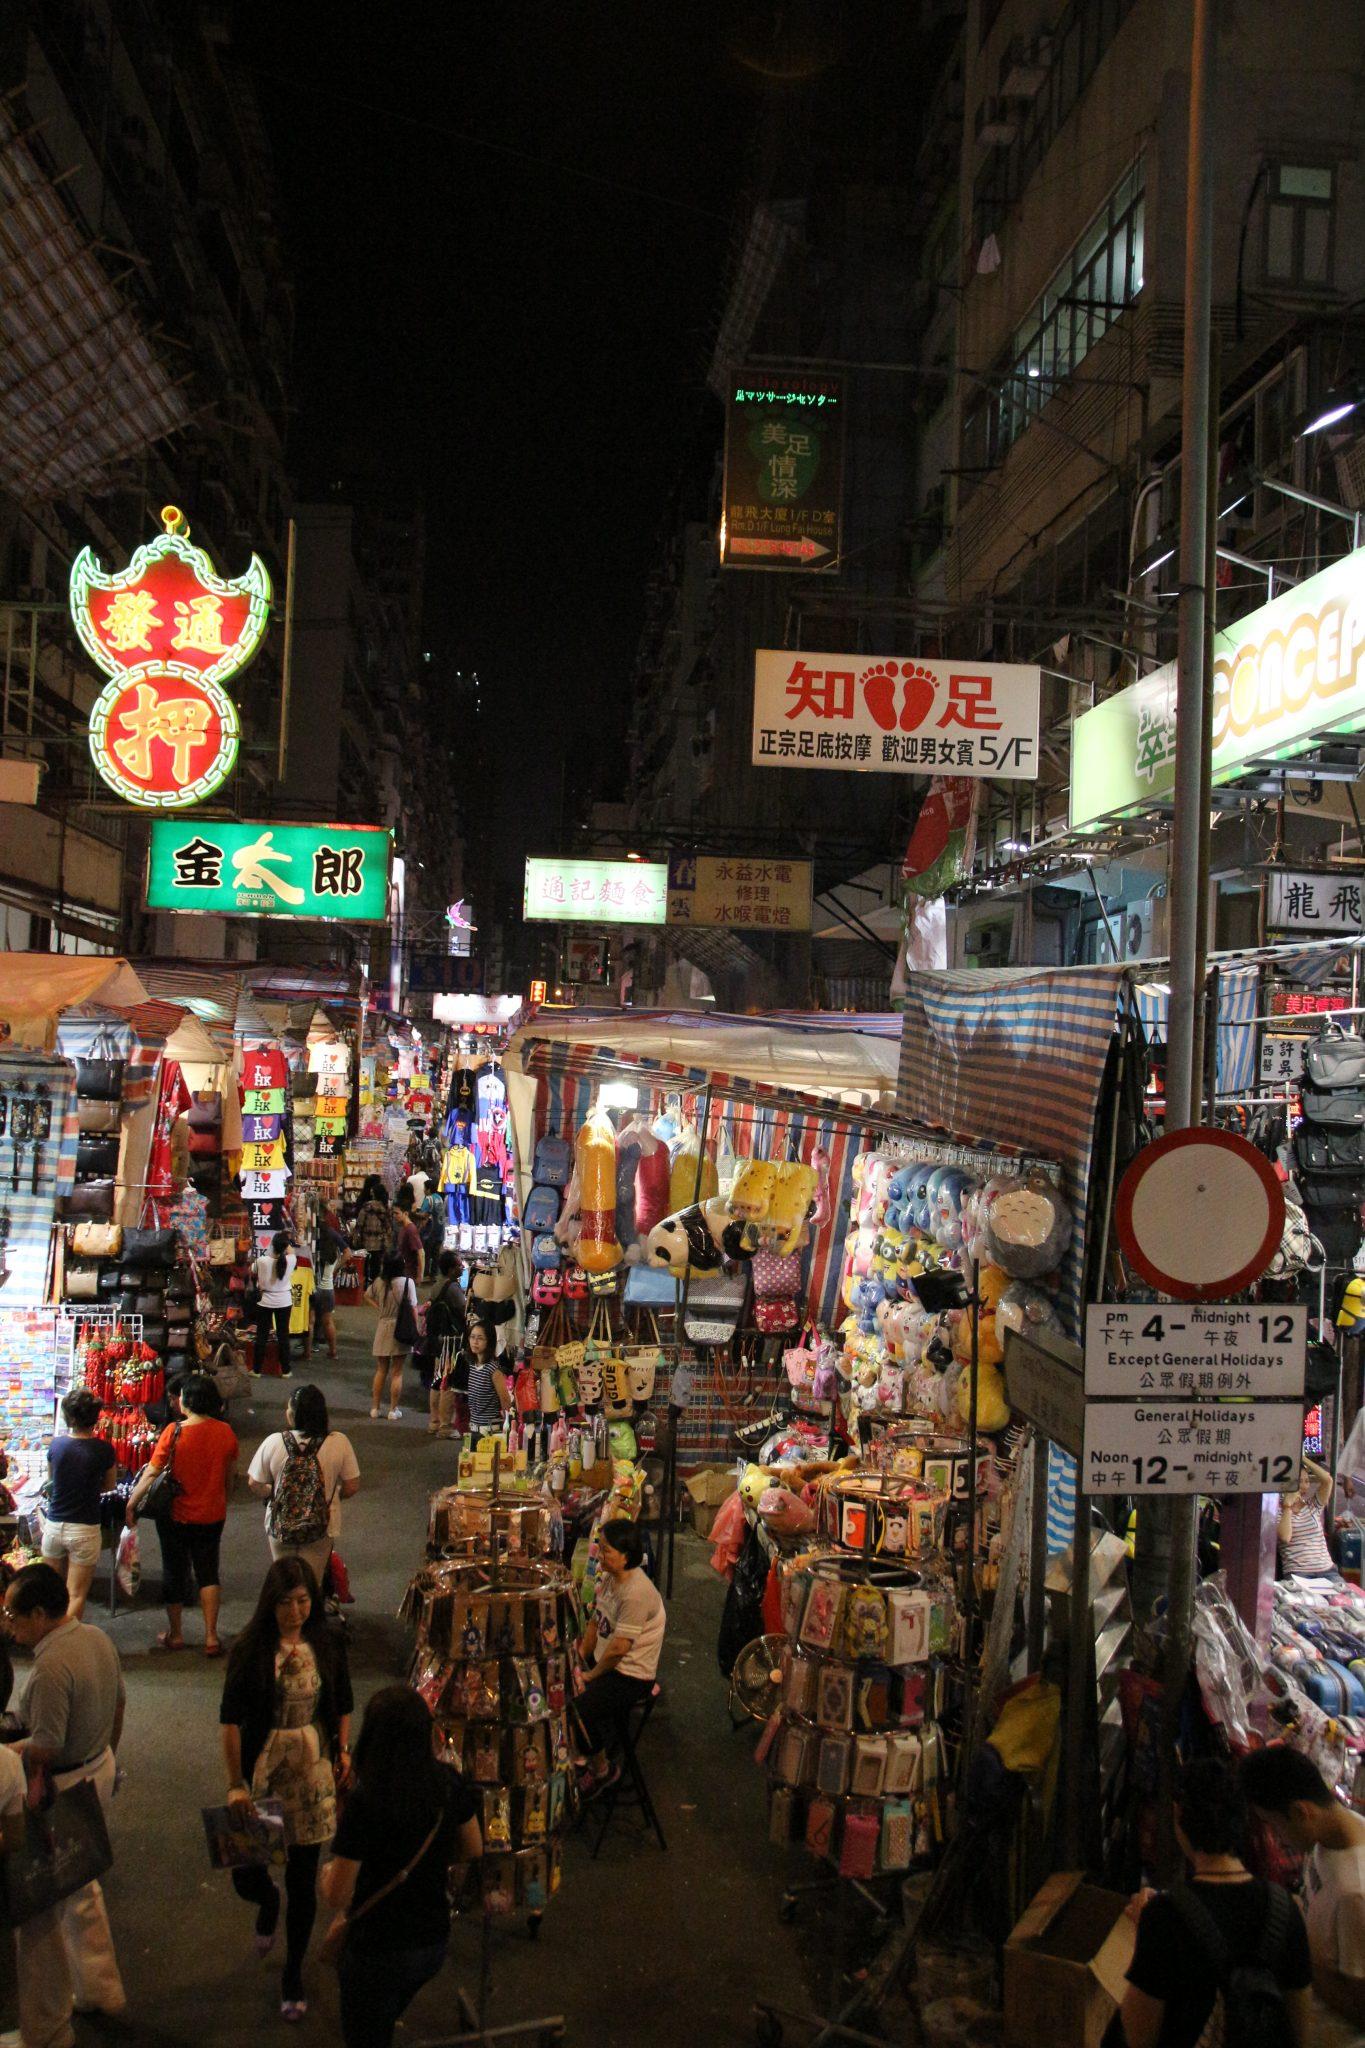 Night market on Kowloon evening bus tour